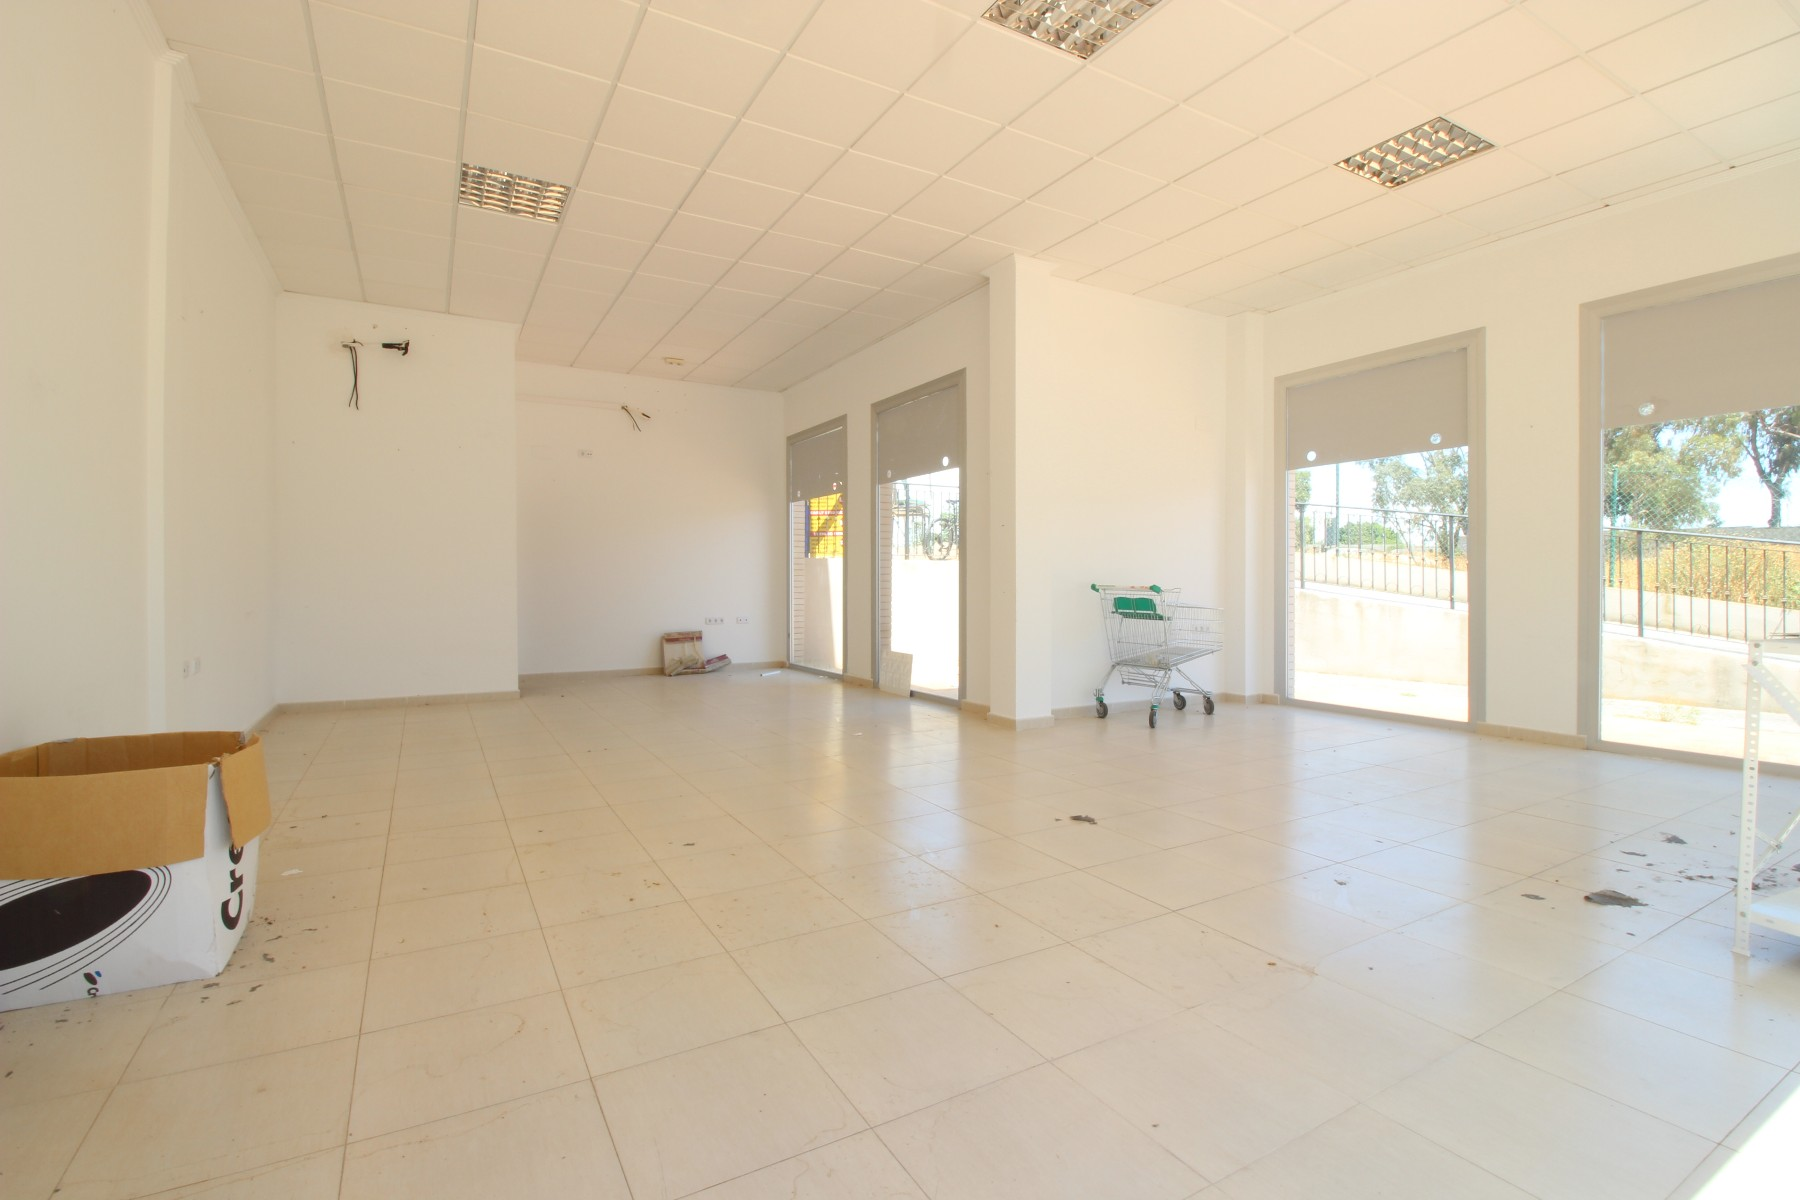 Premises for rent in El Raso in Nexus Grupo